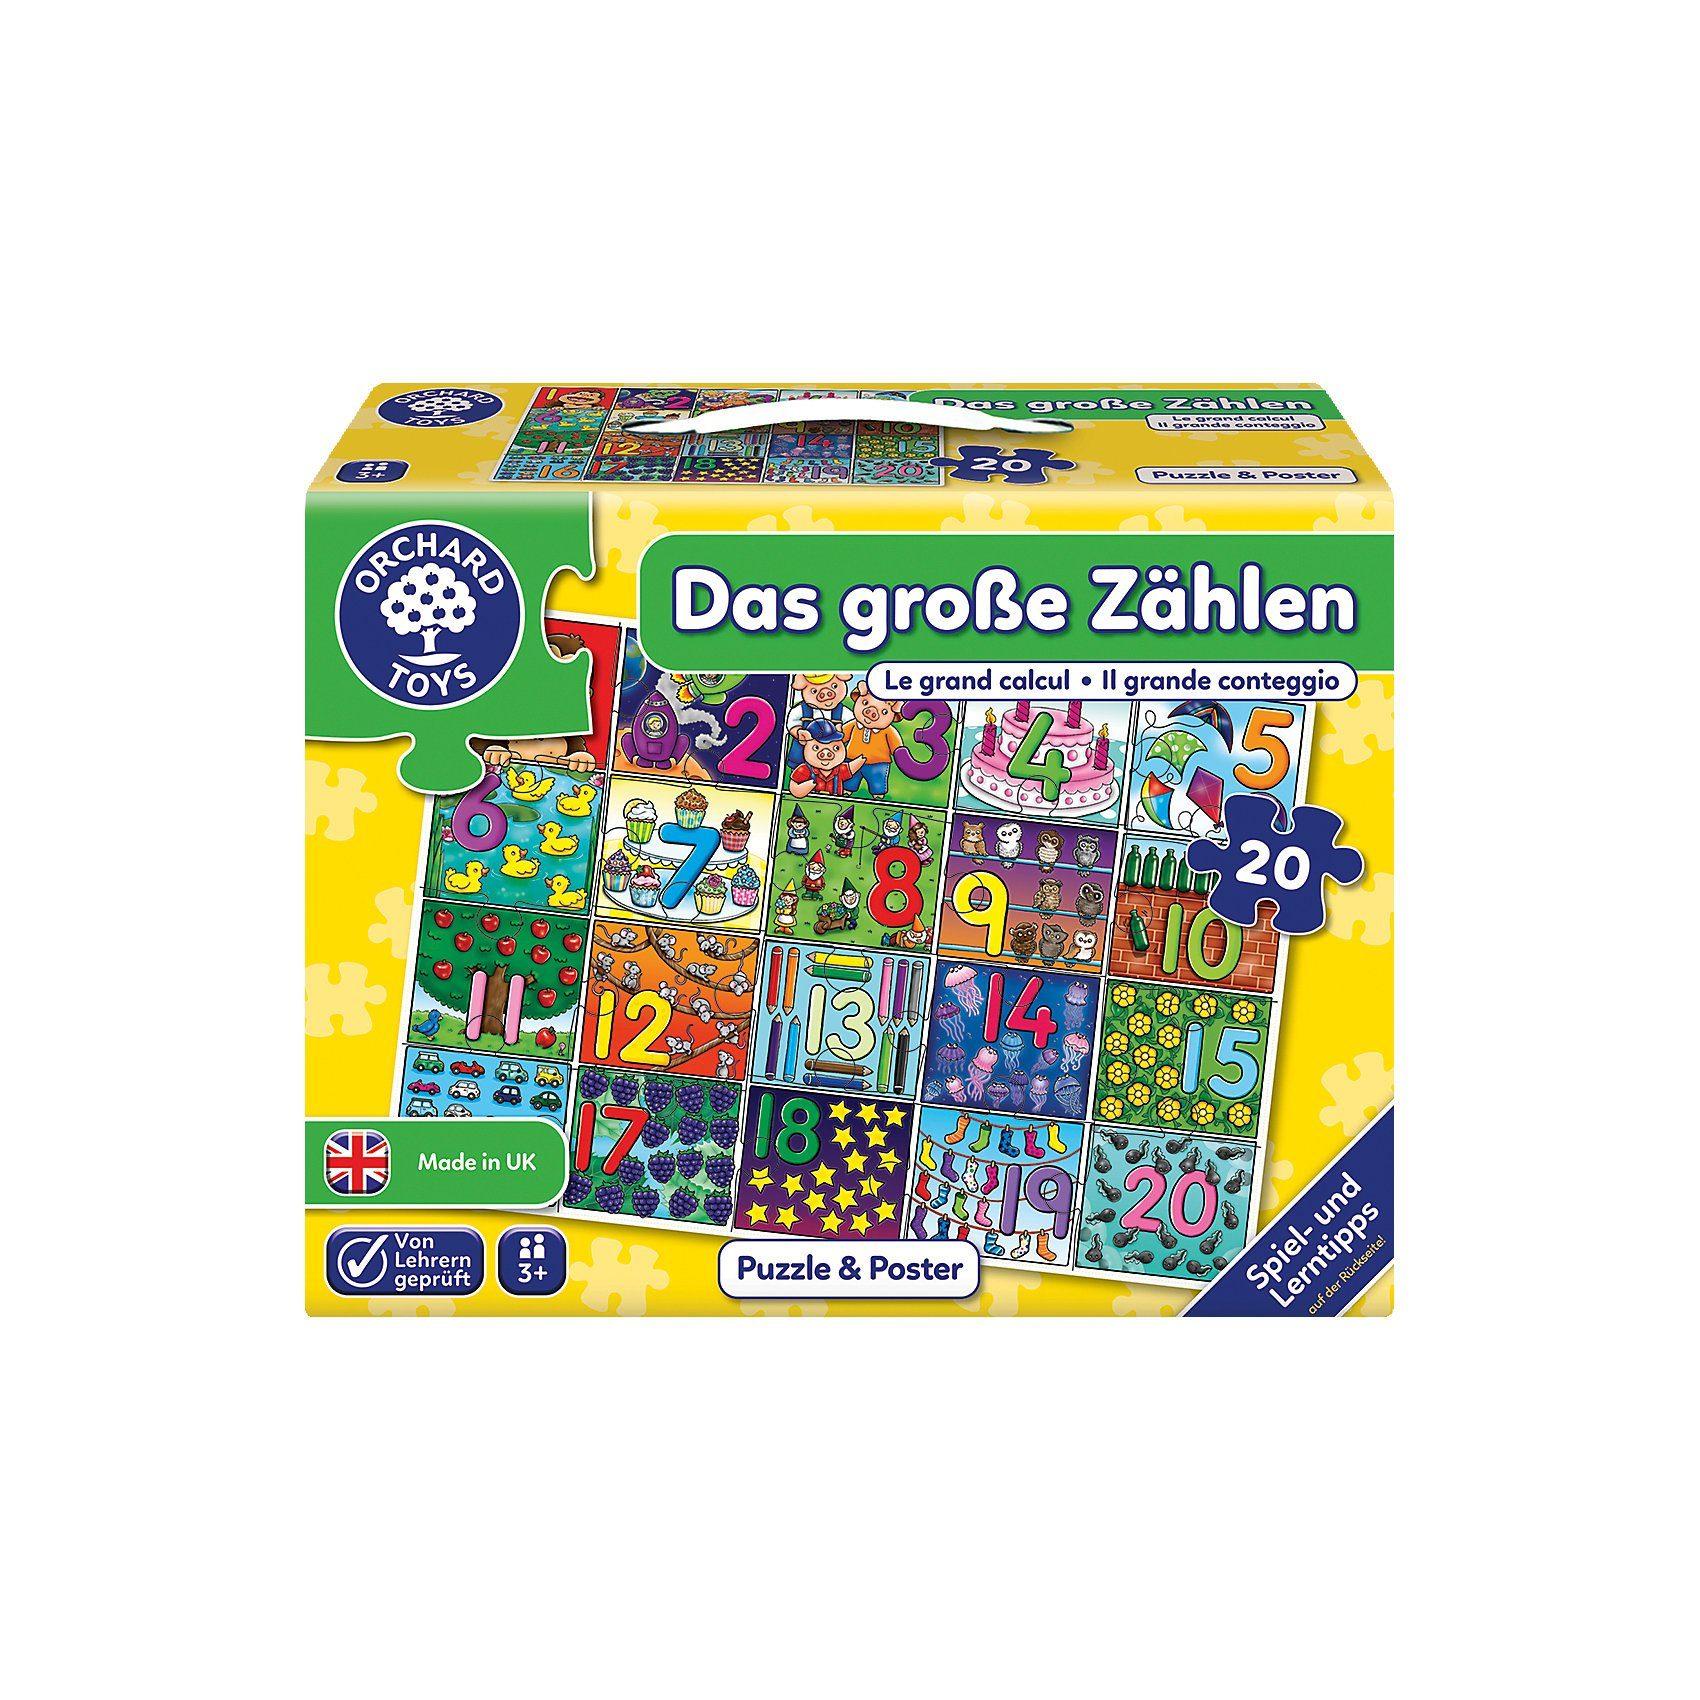 Bodenpuzzle - Das große Zählen